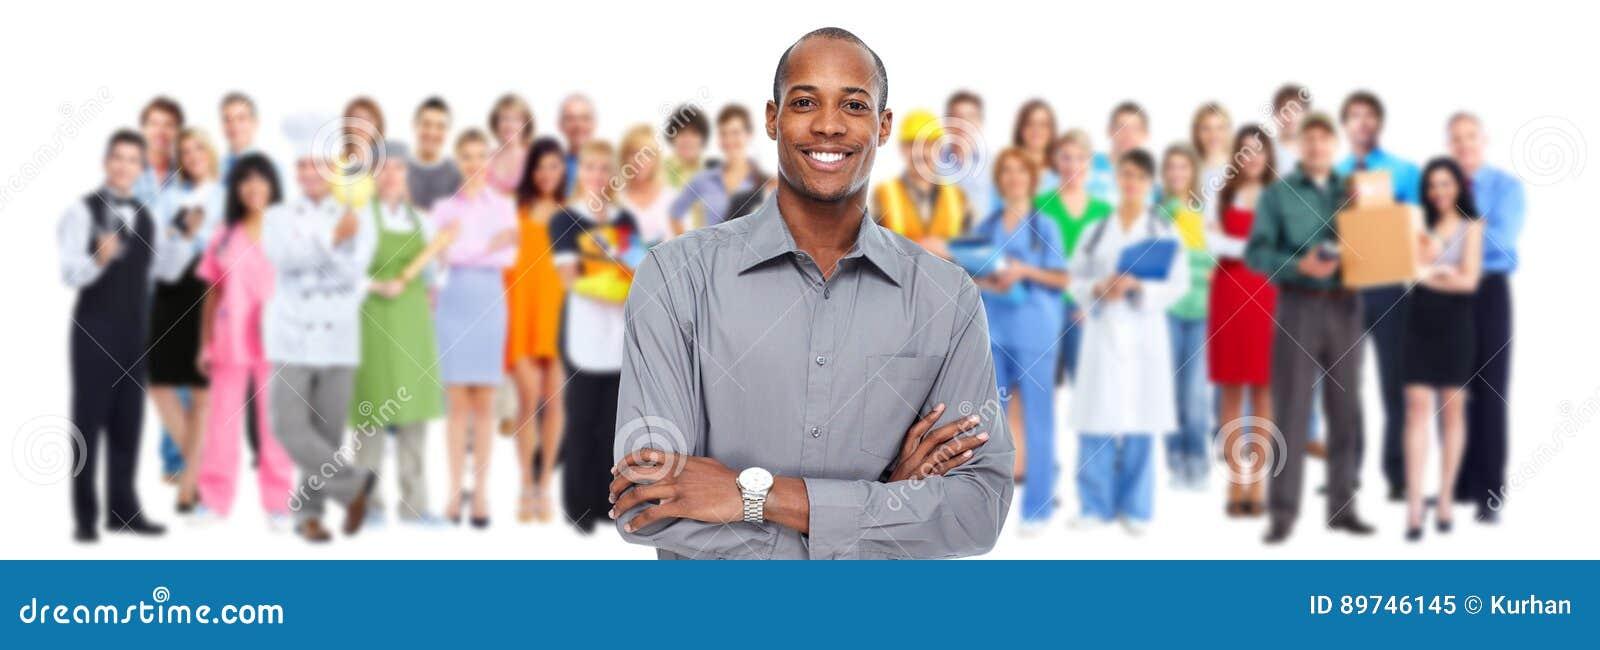 Geschäftsmänner und Arbeitskraftgruppe Teamfunktion